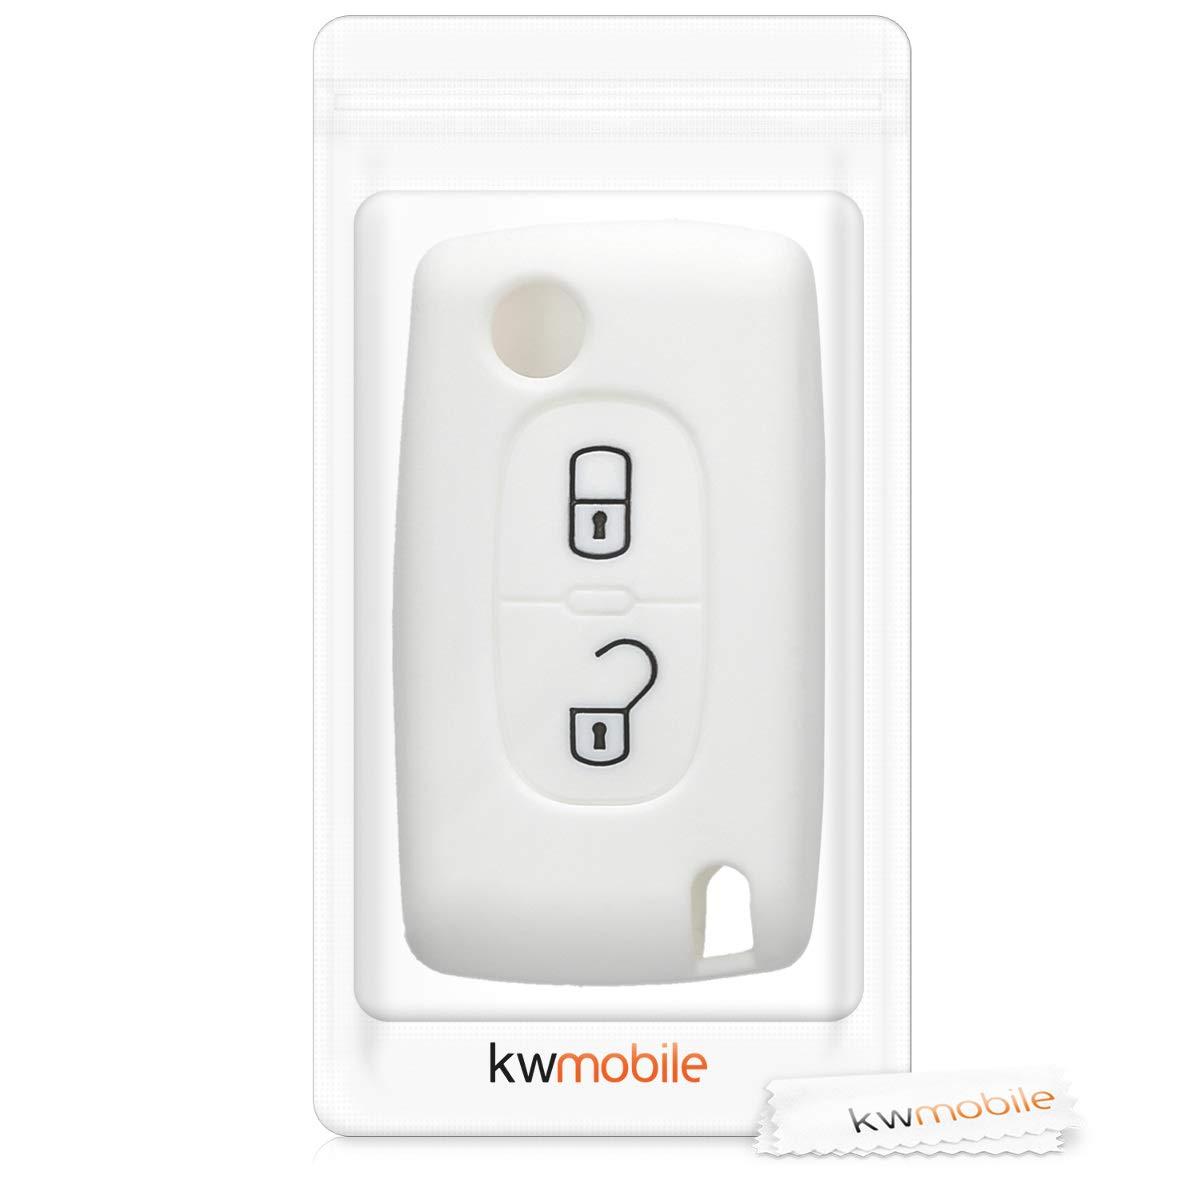 Silicona Carcasa Protectora de kwmobile Funda para Llave Plegable de 2 Botones para Coche Peugeot Citroen - Case de Mando de Auto con dise/ño de Rally Suave